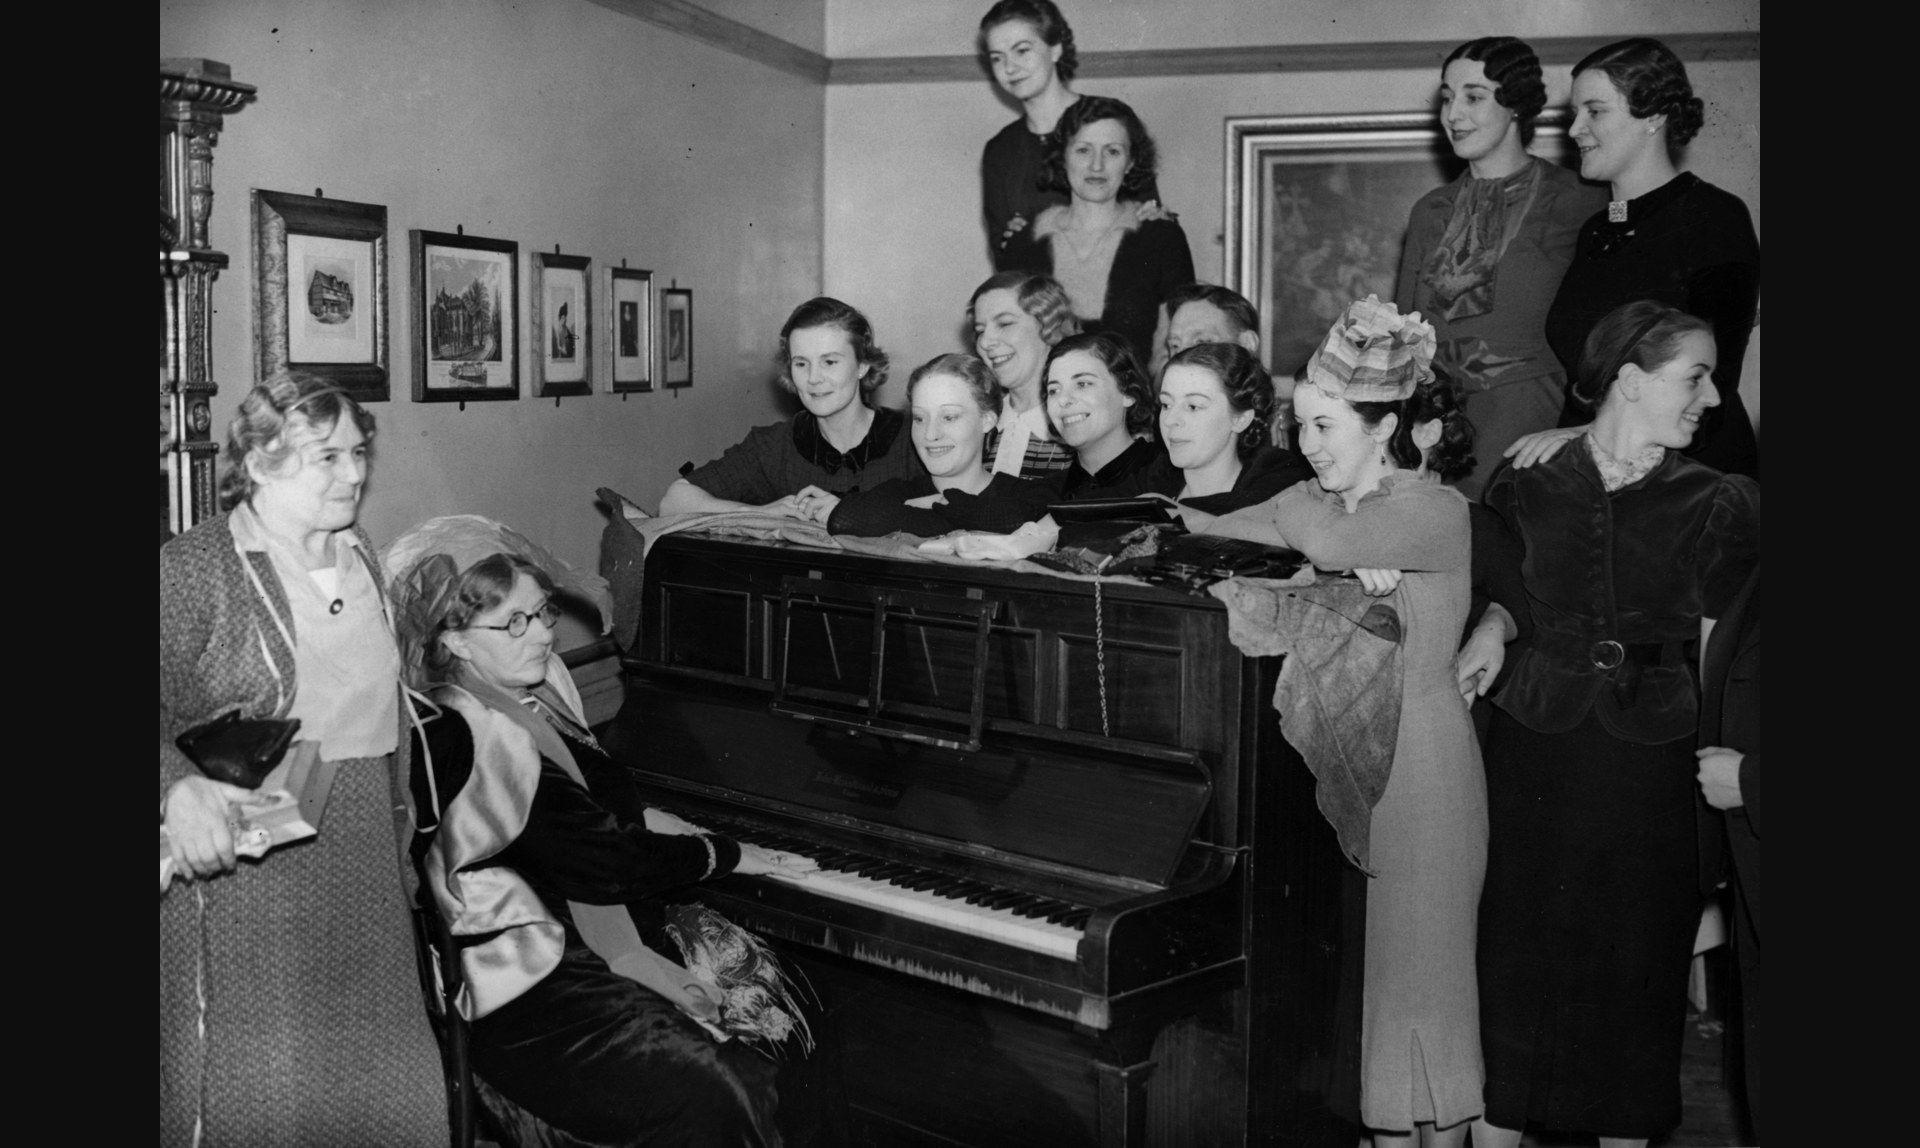 1937. Лилиан Бейлис играет на пианино на своей ежегодной новогодней вечеринке. Артисты балета собираются вокруг пианино для пения, 2 января.jpg